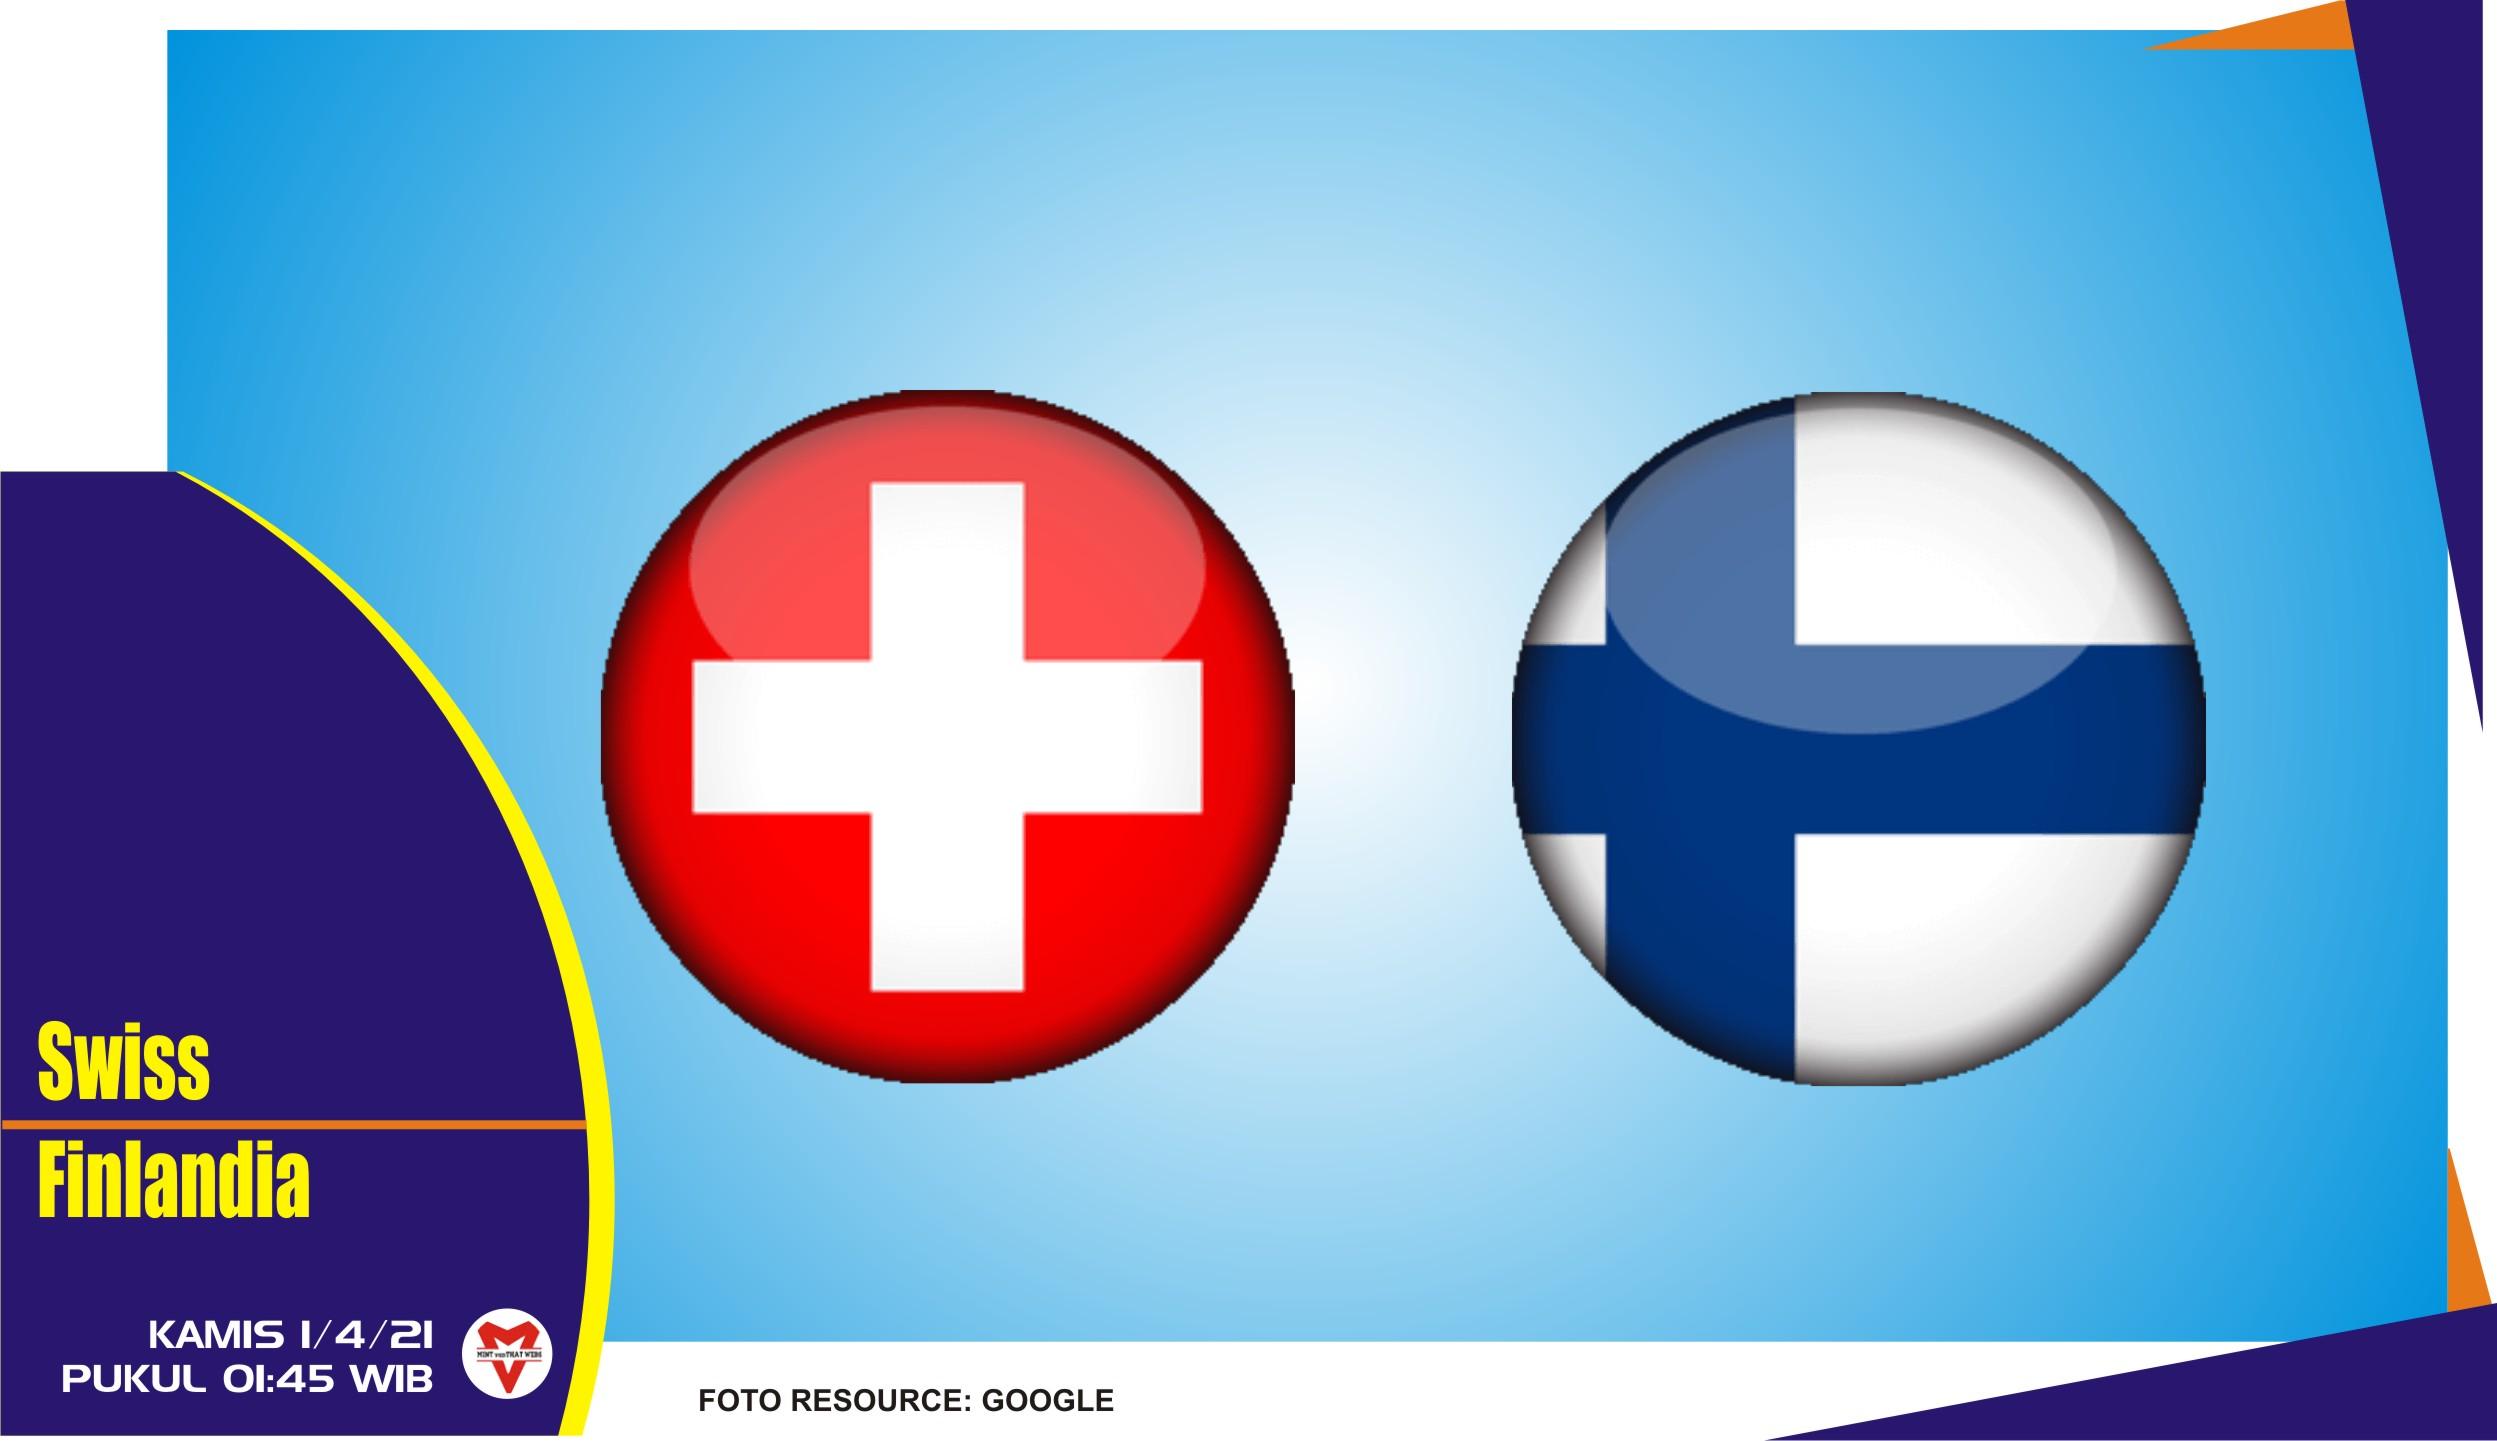 Prediksi Pertandingan Swiss vs Finlandia - 1 April 2021